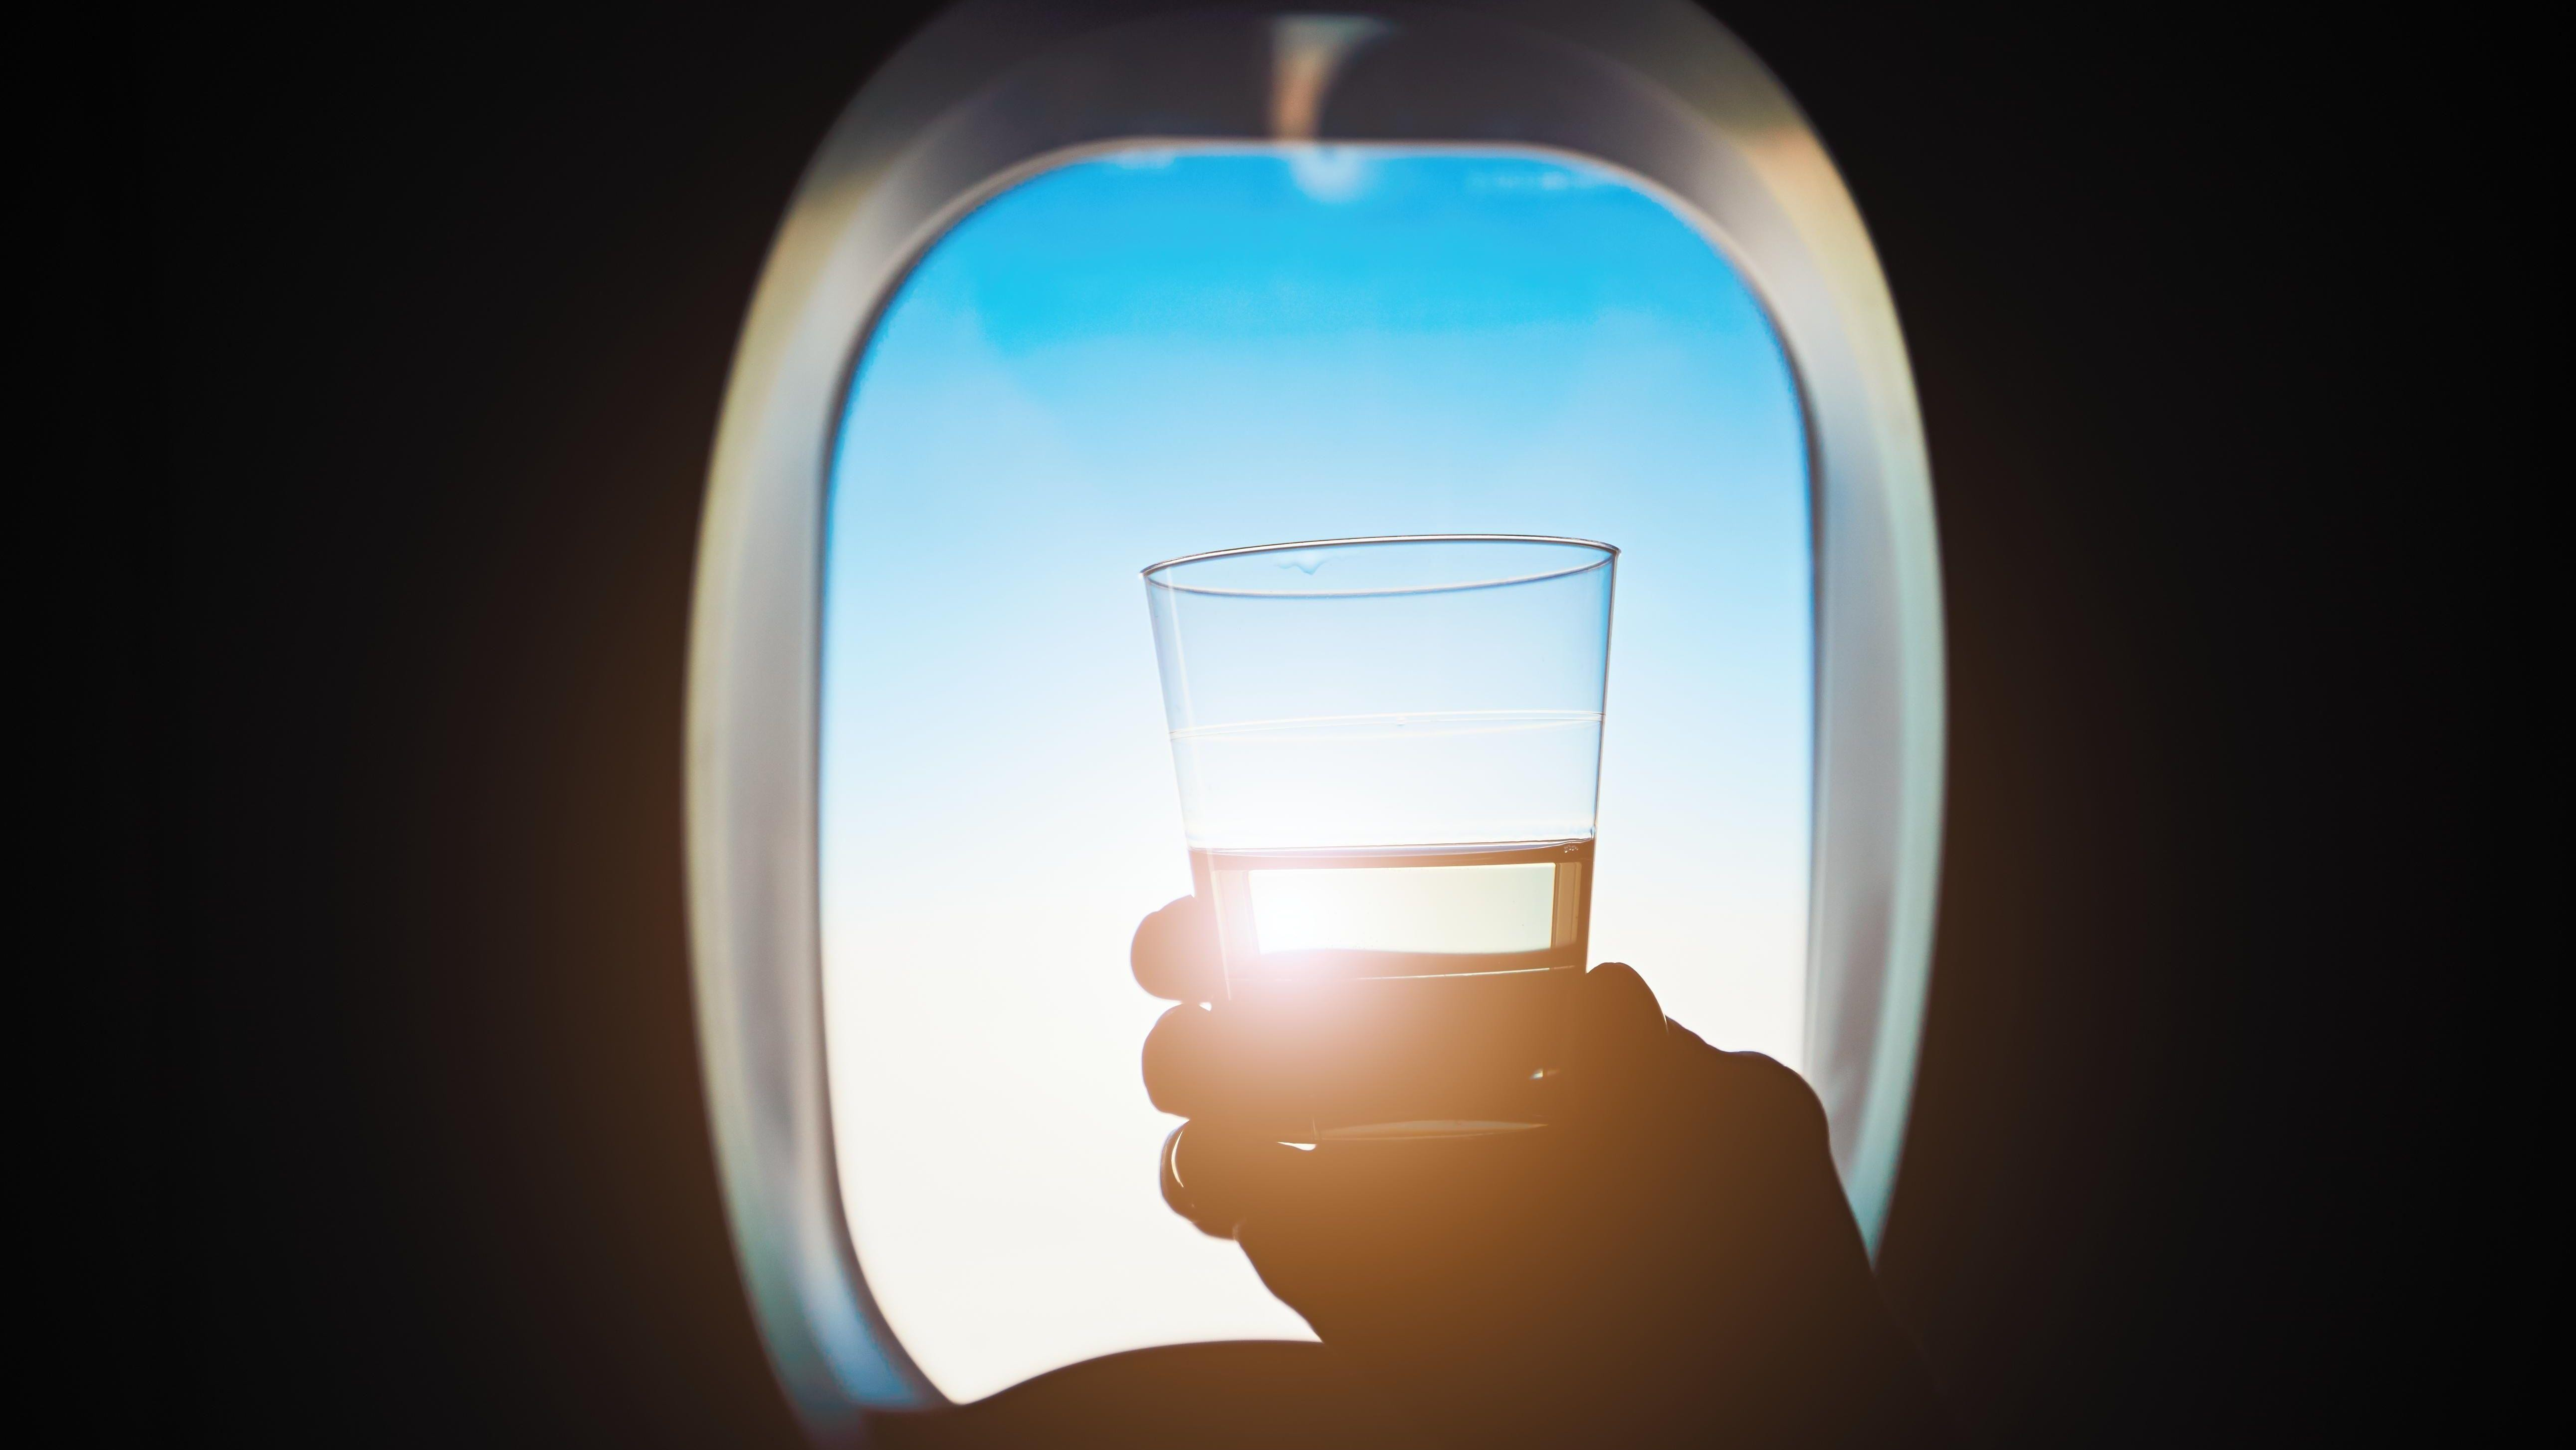 ALKOSTOPP: Turistsjef ved øygruppen Balearne har bedt EU-kommisjonen om alkoholforbud både på flyplasser og på flyet.